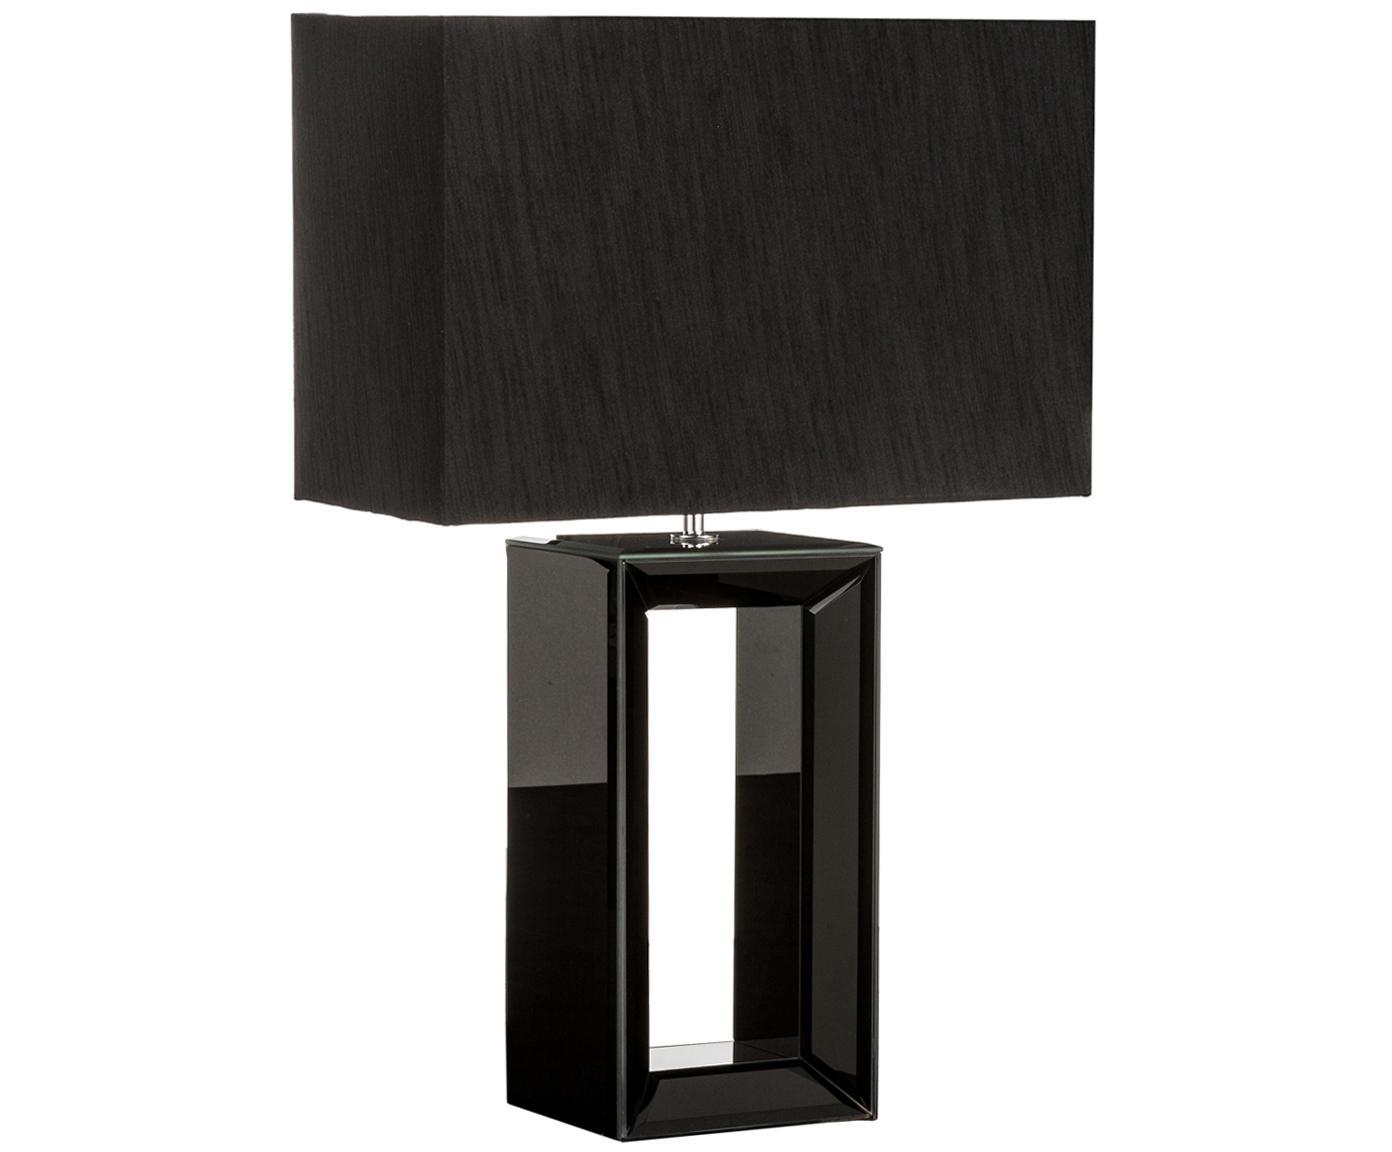 Duża lampa stołowa z lakierowanego szkła lustrzanego Serafina, Podstawa lampy: czarny<br>Klosz: czarny, S 38 x W 58 cm